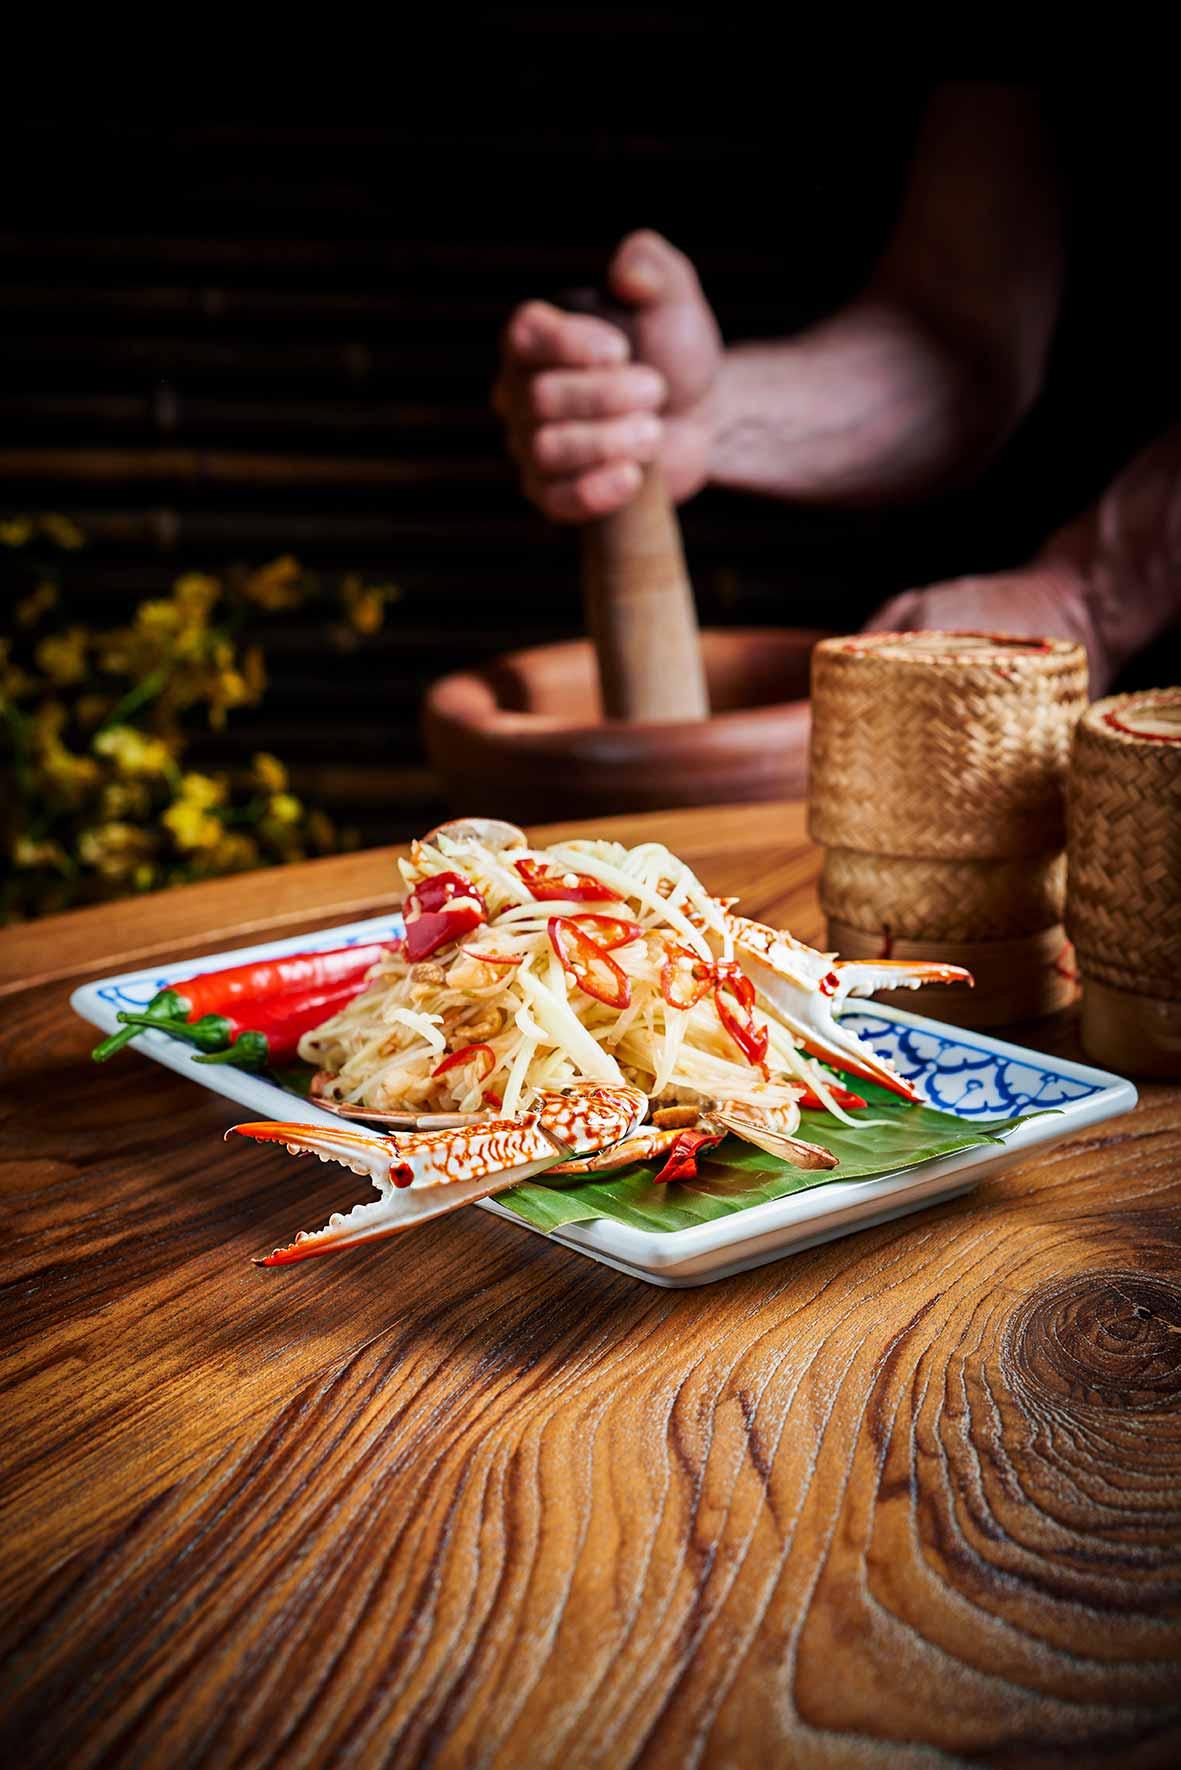 The Thai Cuisine בית תאילנדי